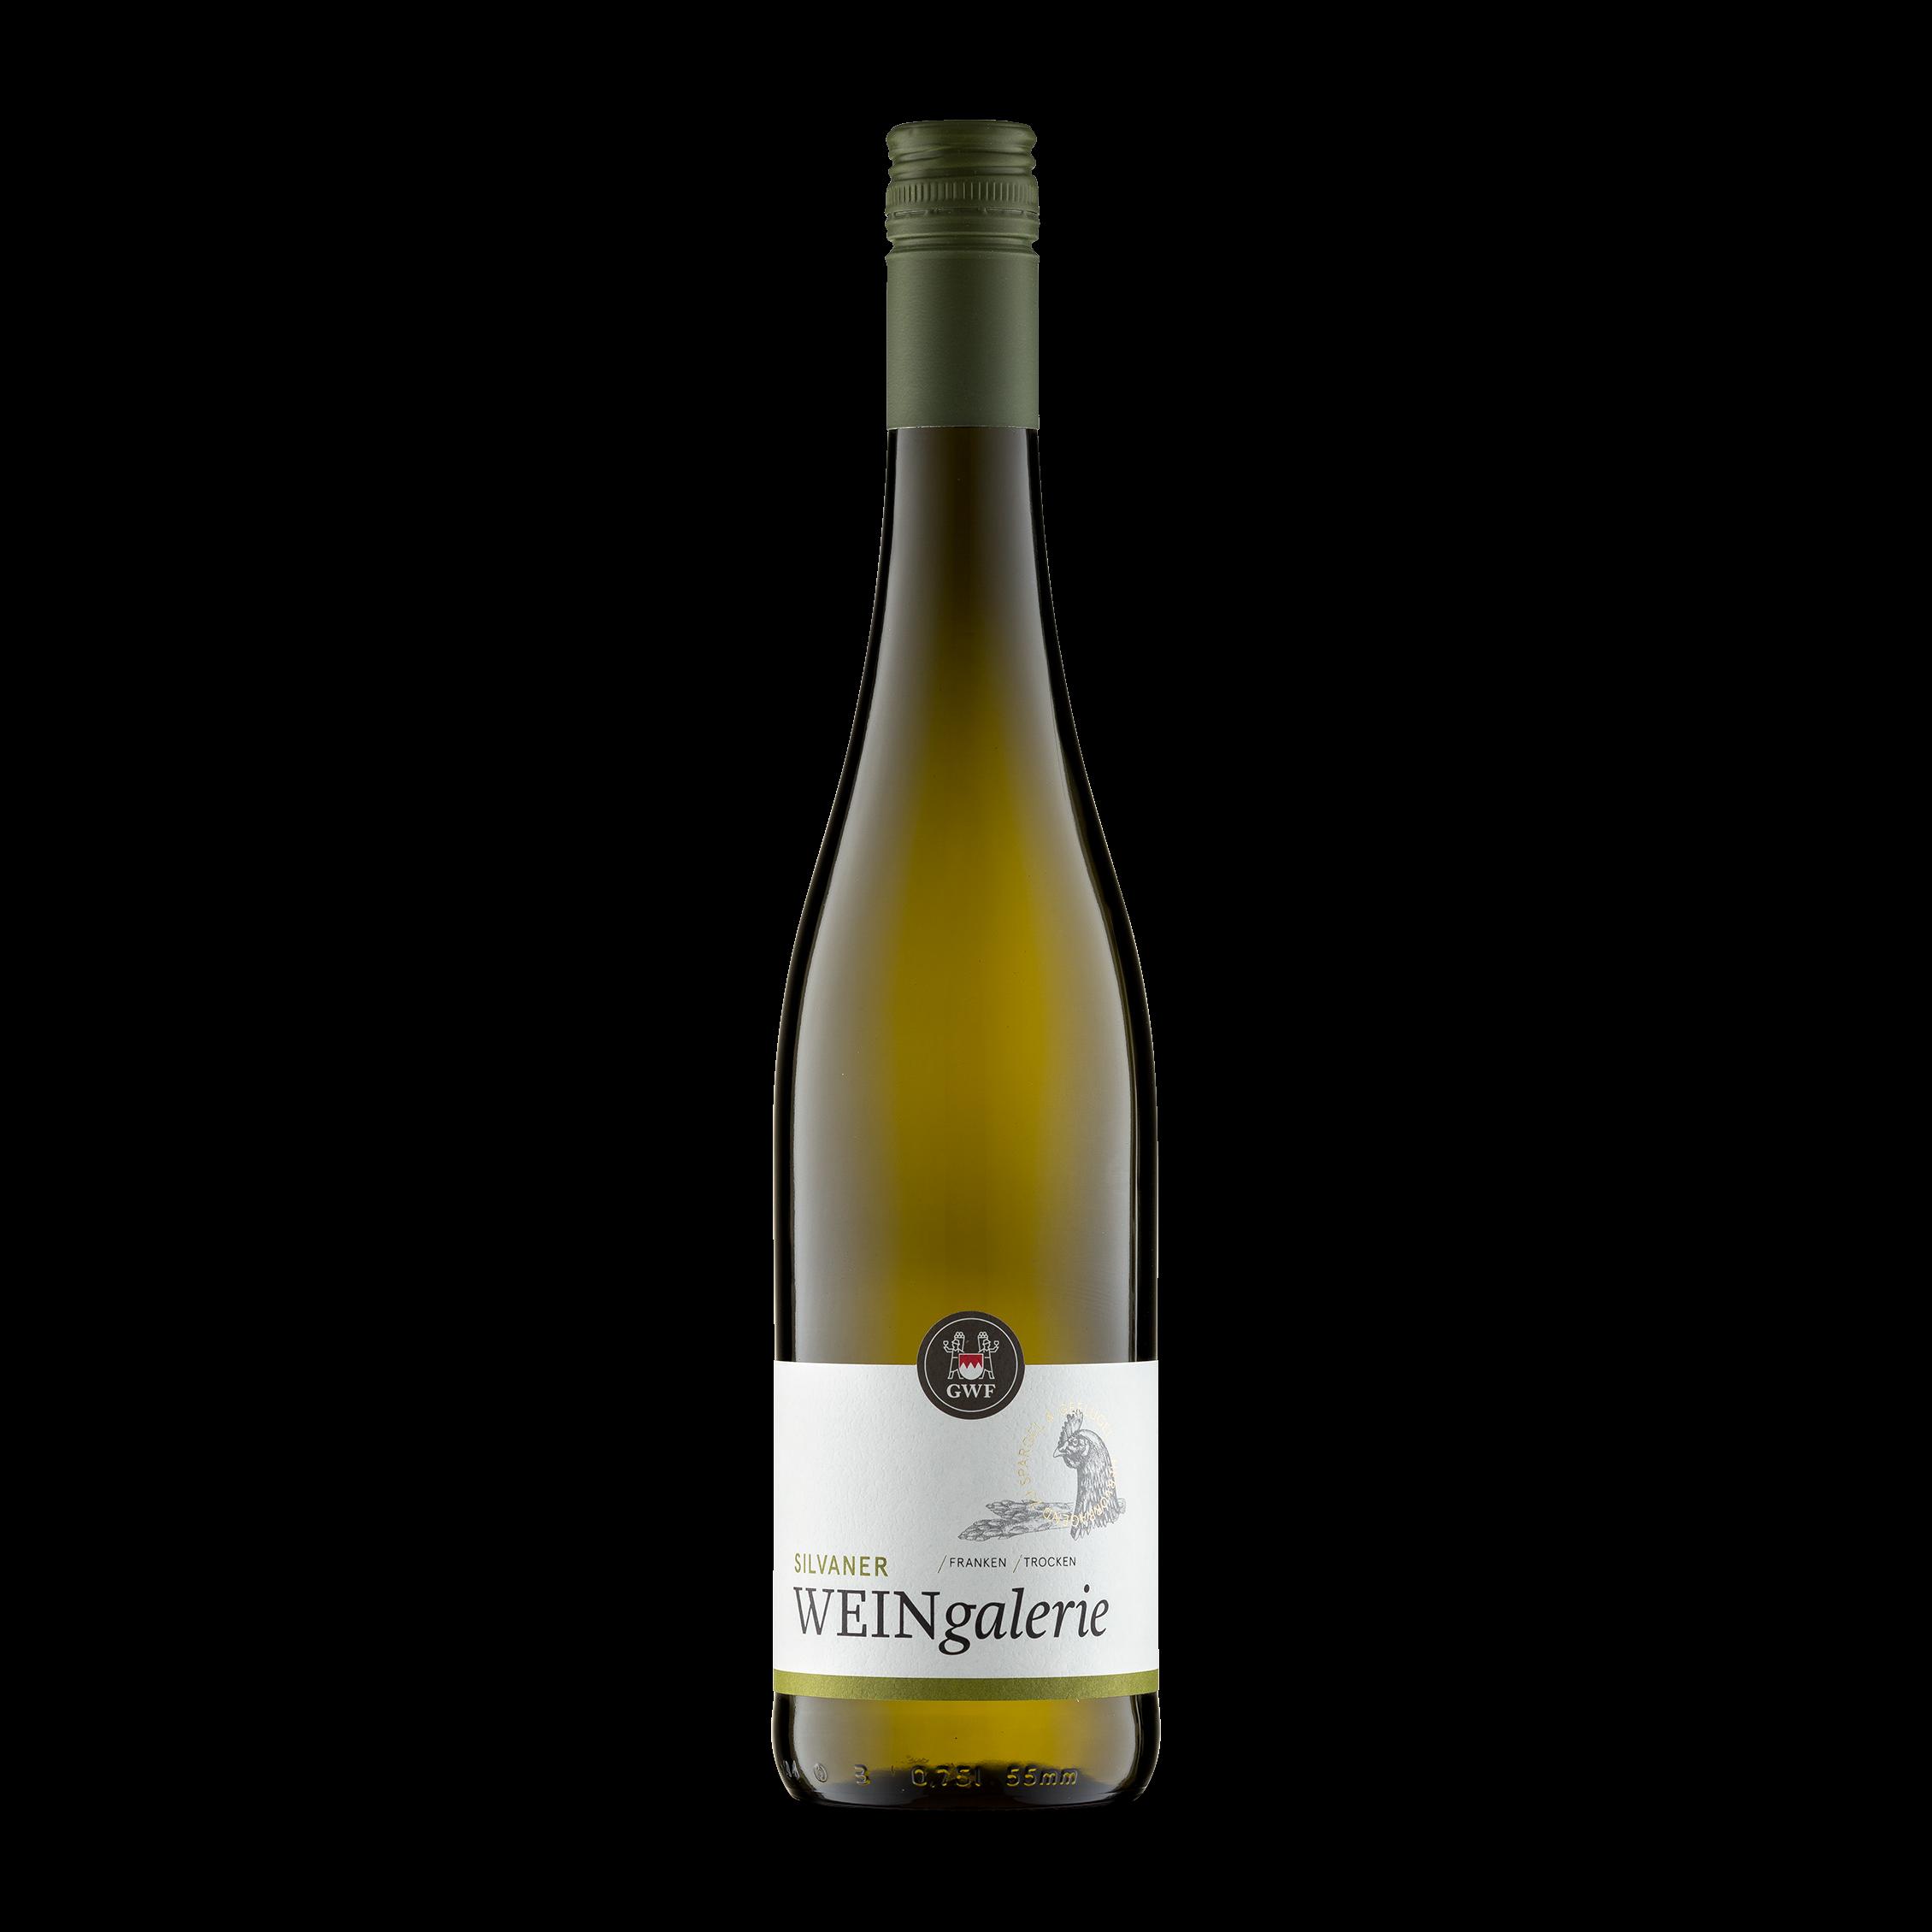 WeinGalerie Silvaner trocken